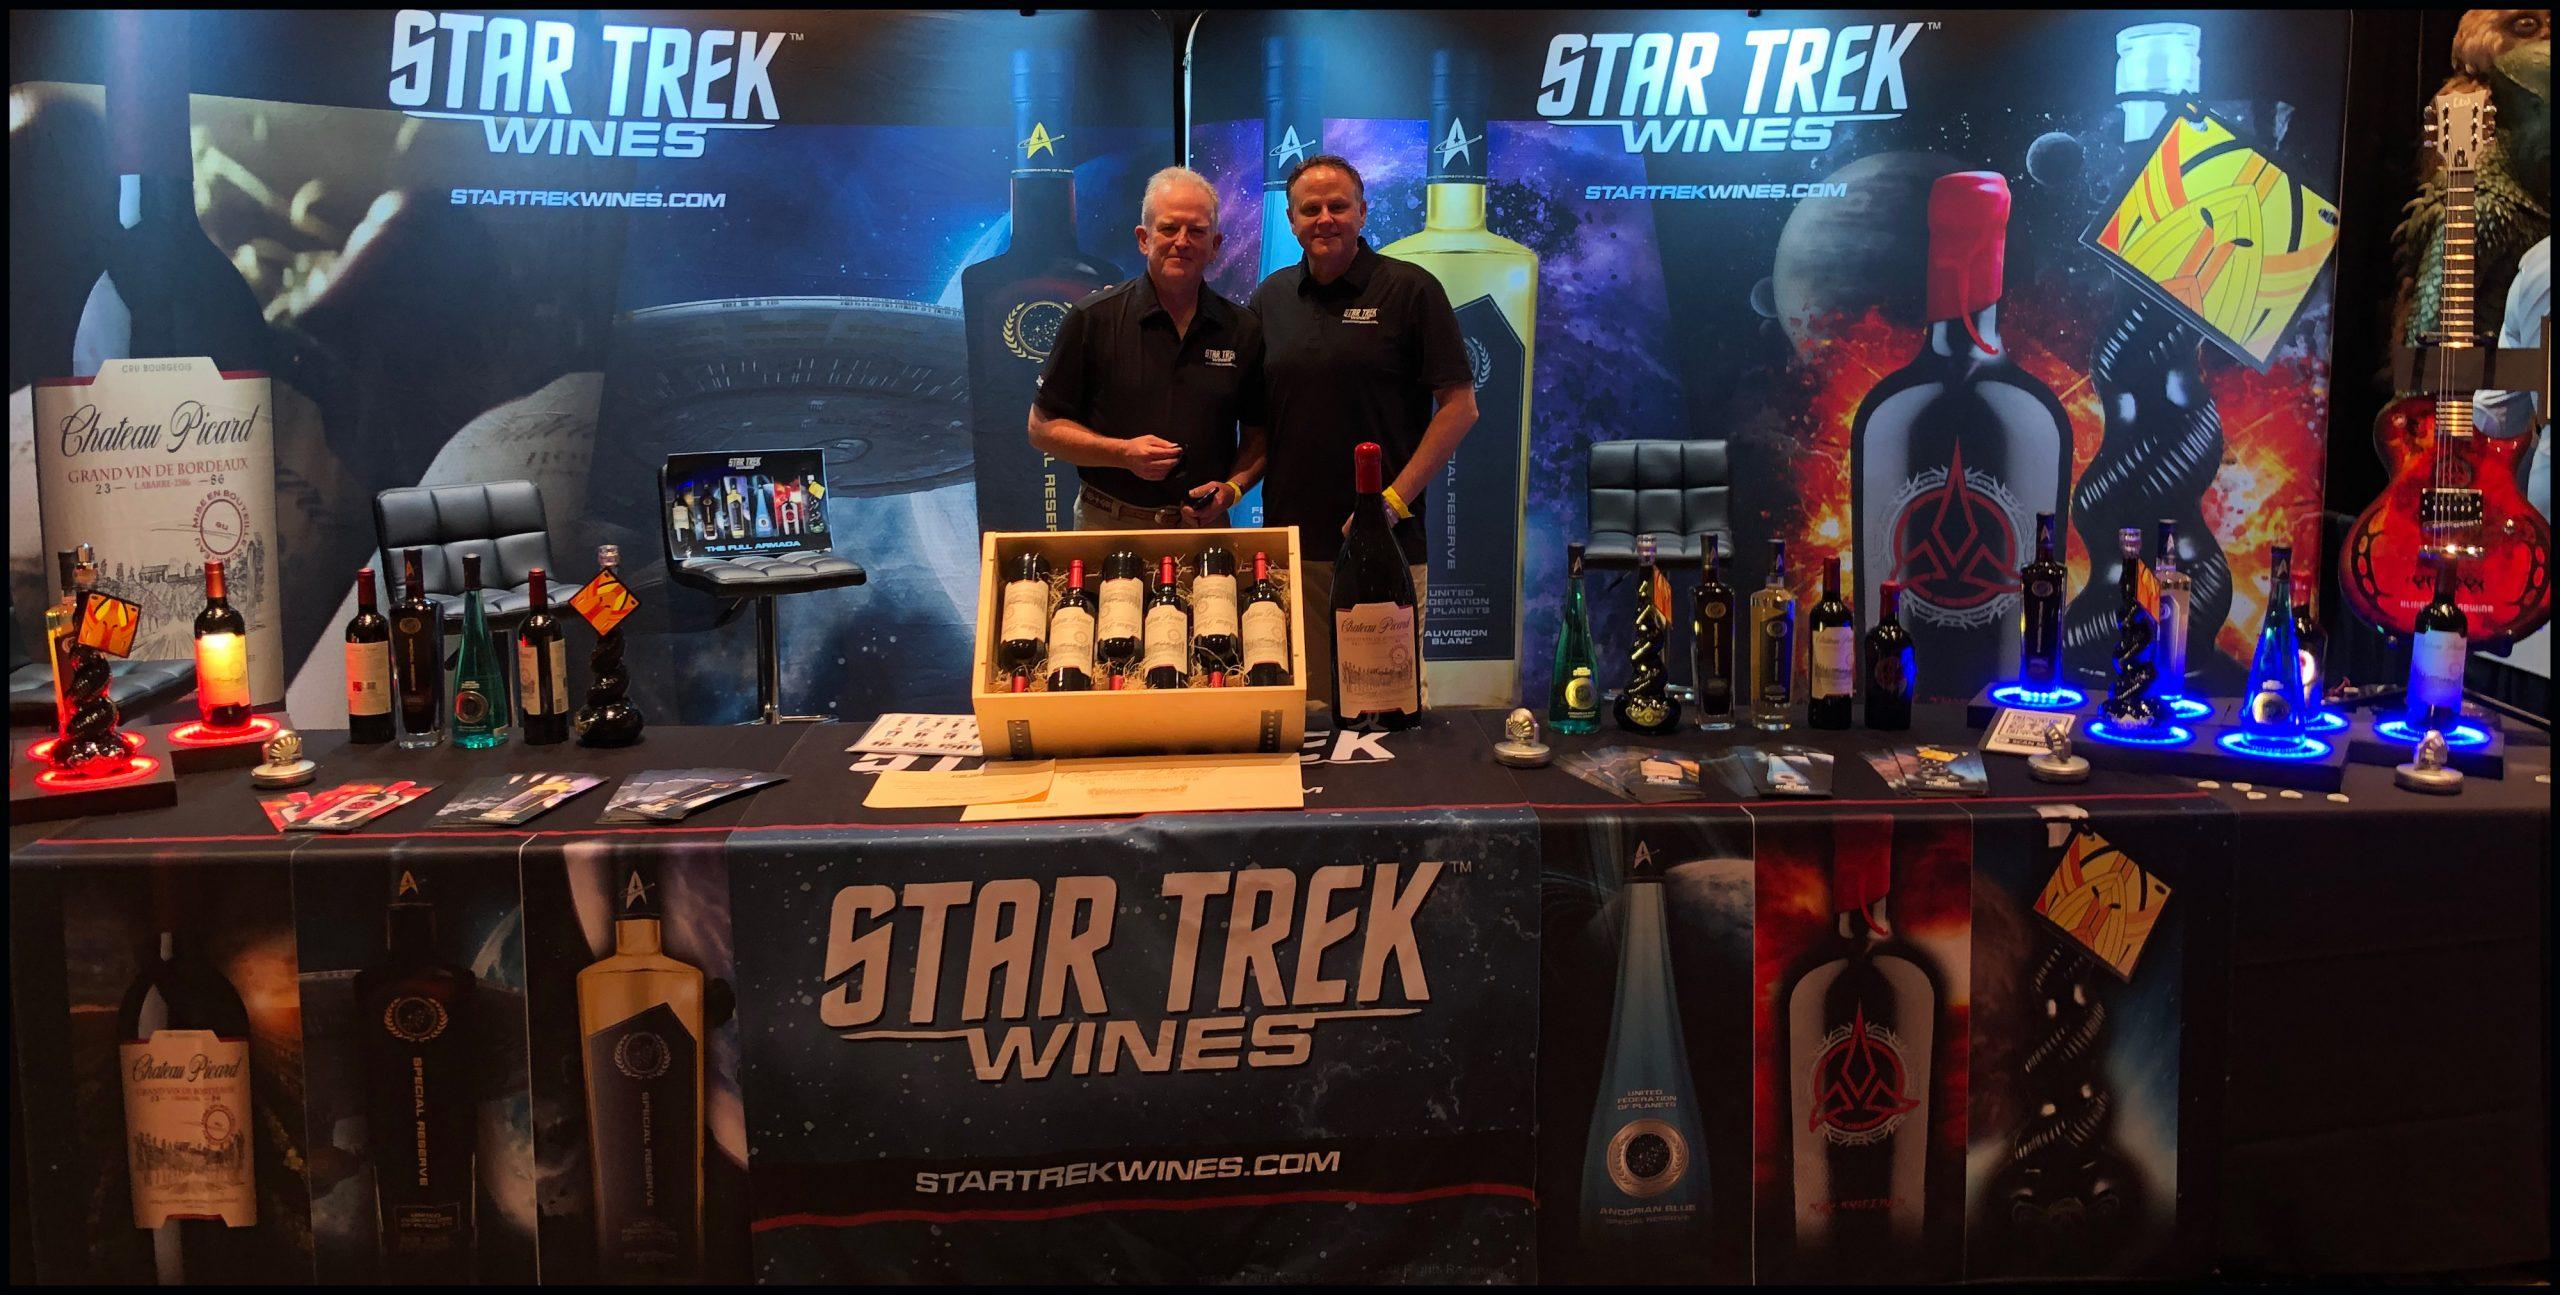 Star Trek Wines Live in Las Vegas